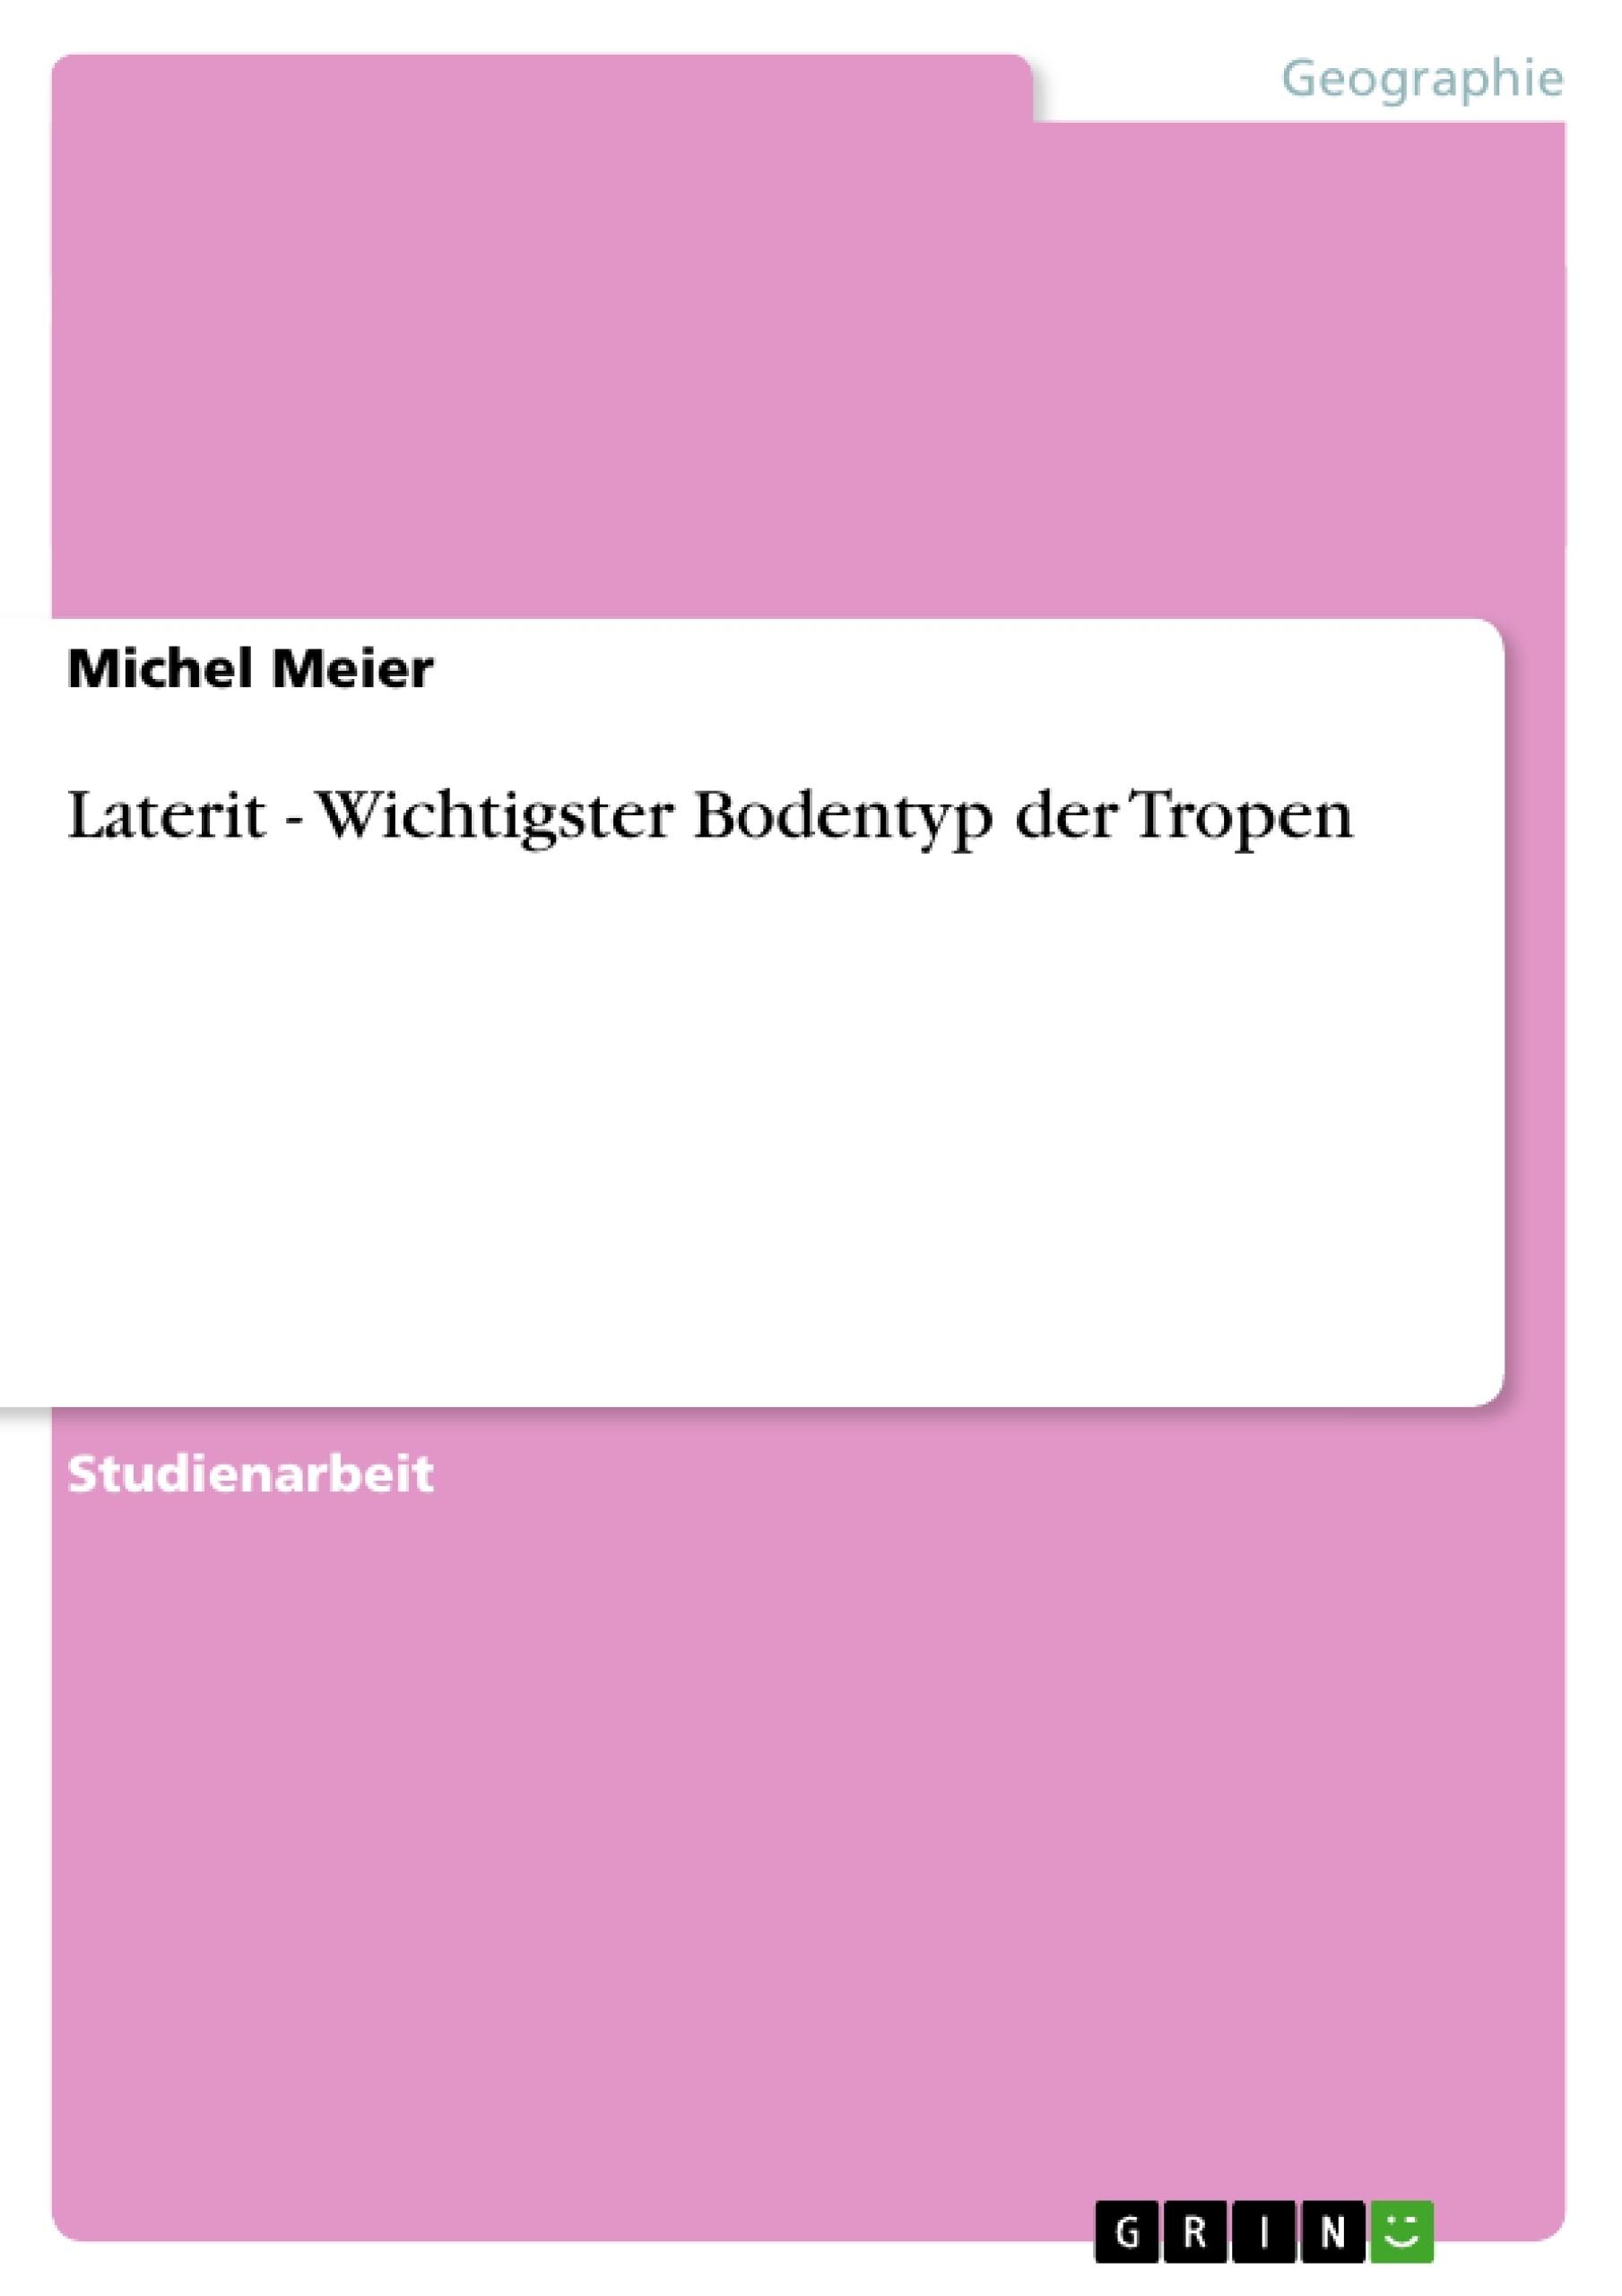 Titel: Laterit - Wichtigster Bodentyp der Tropen